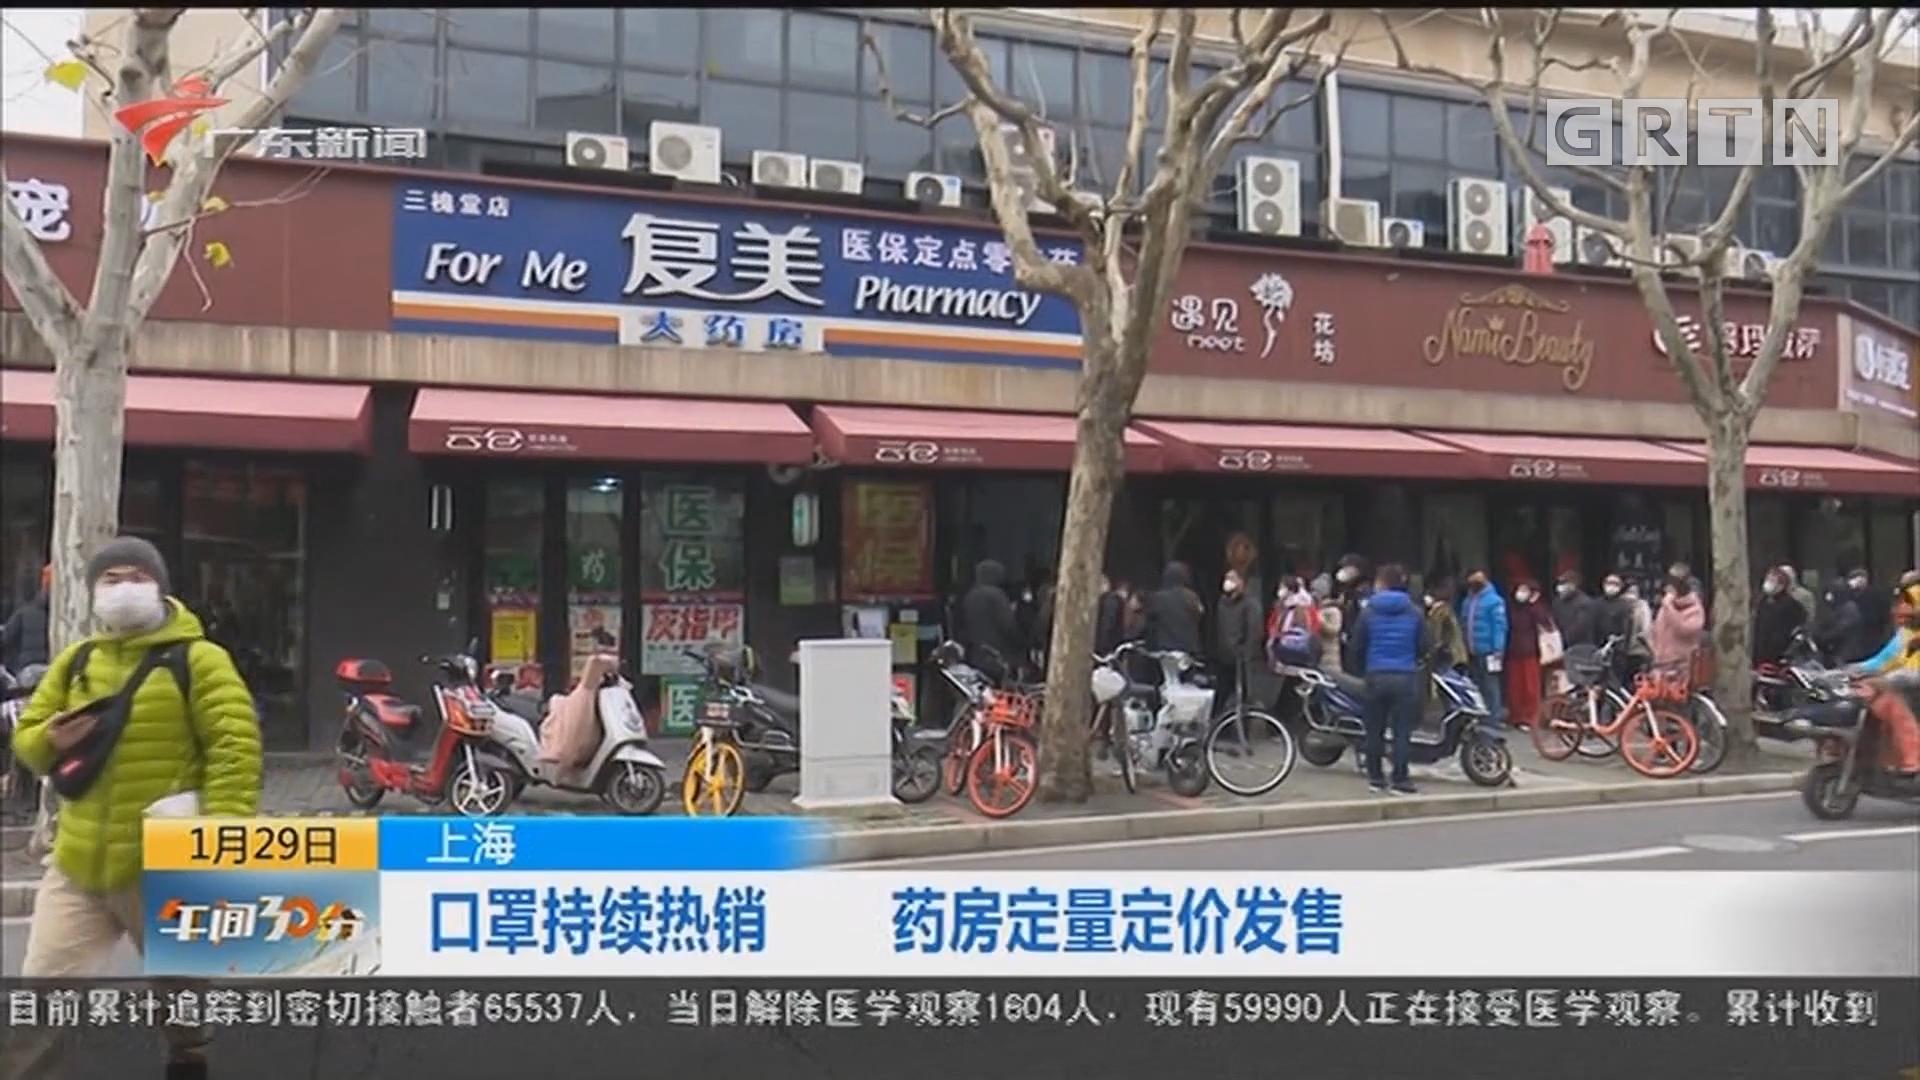 上海:口罩持续热销 药房定量定价发售